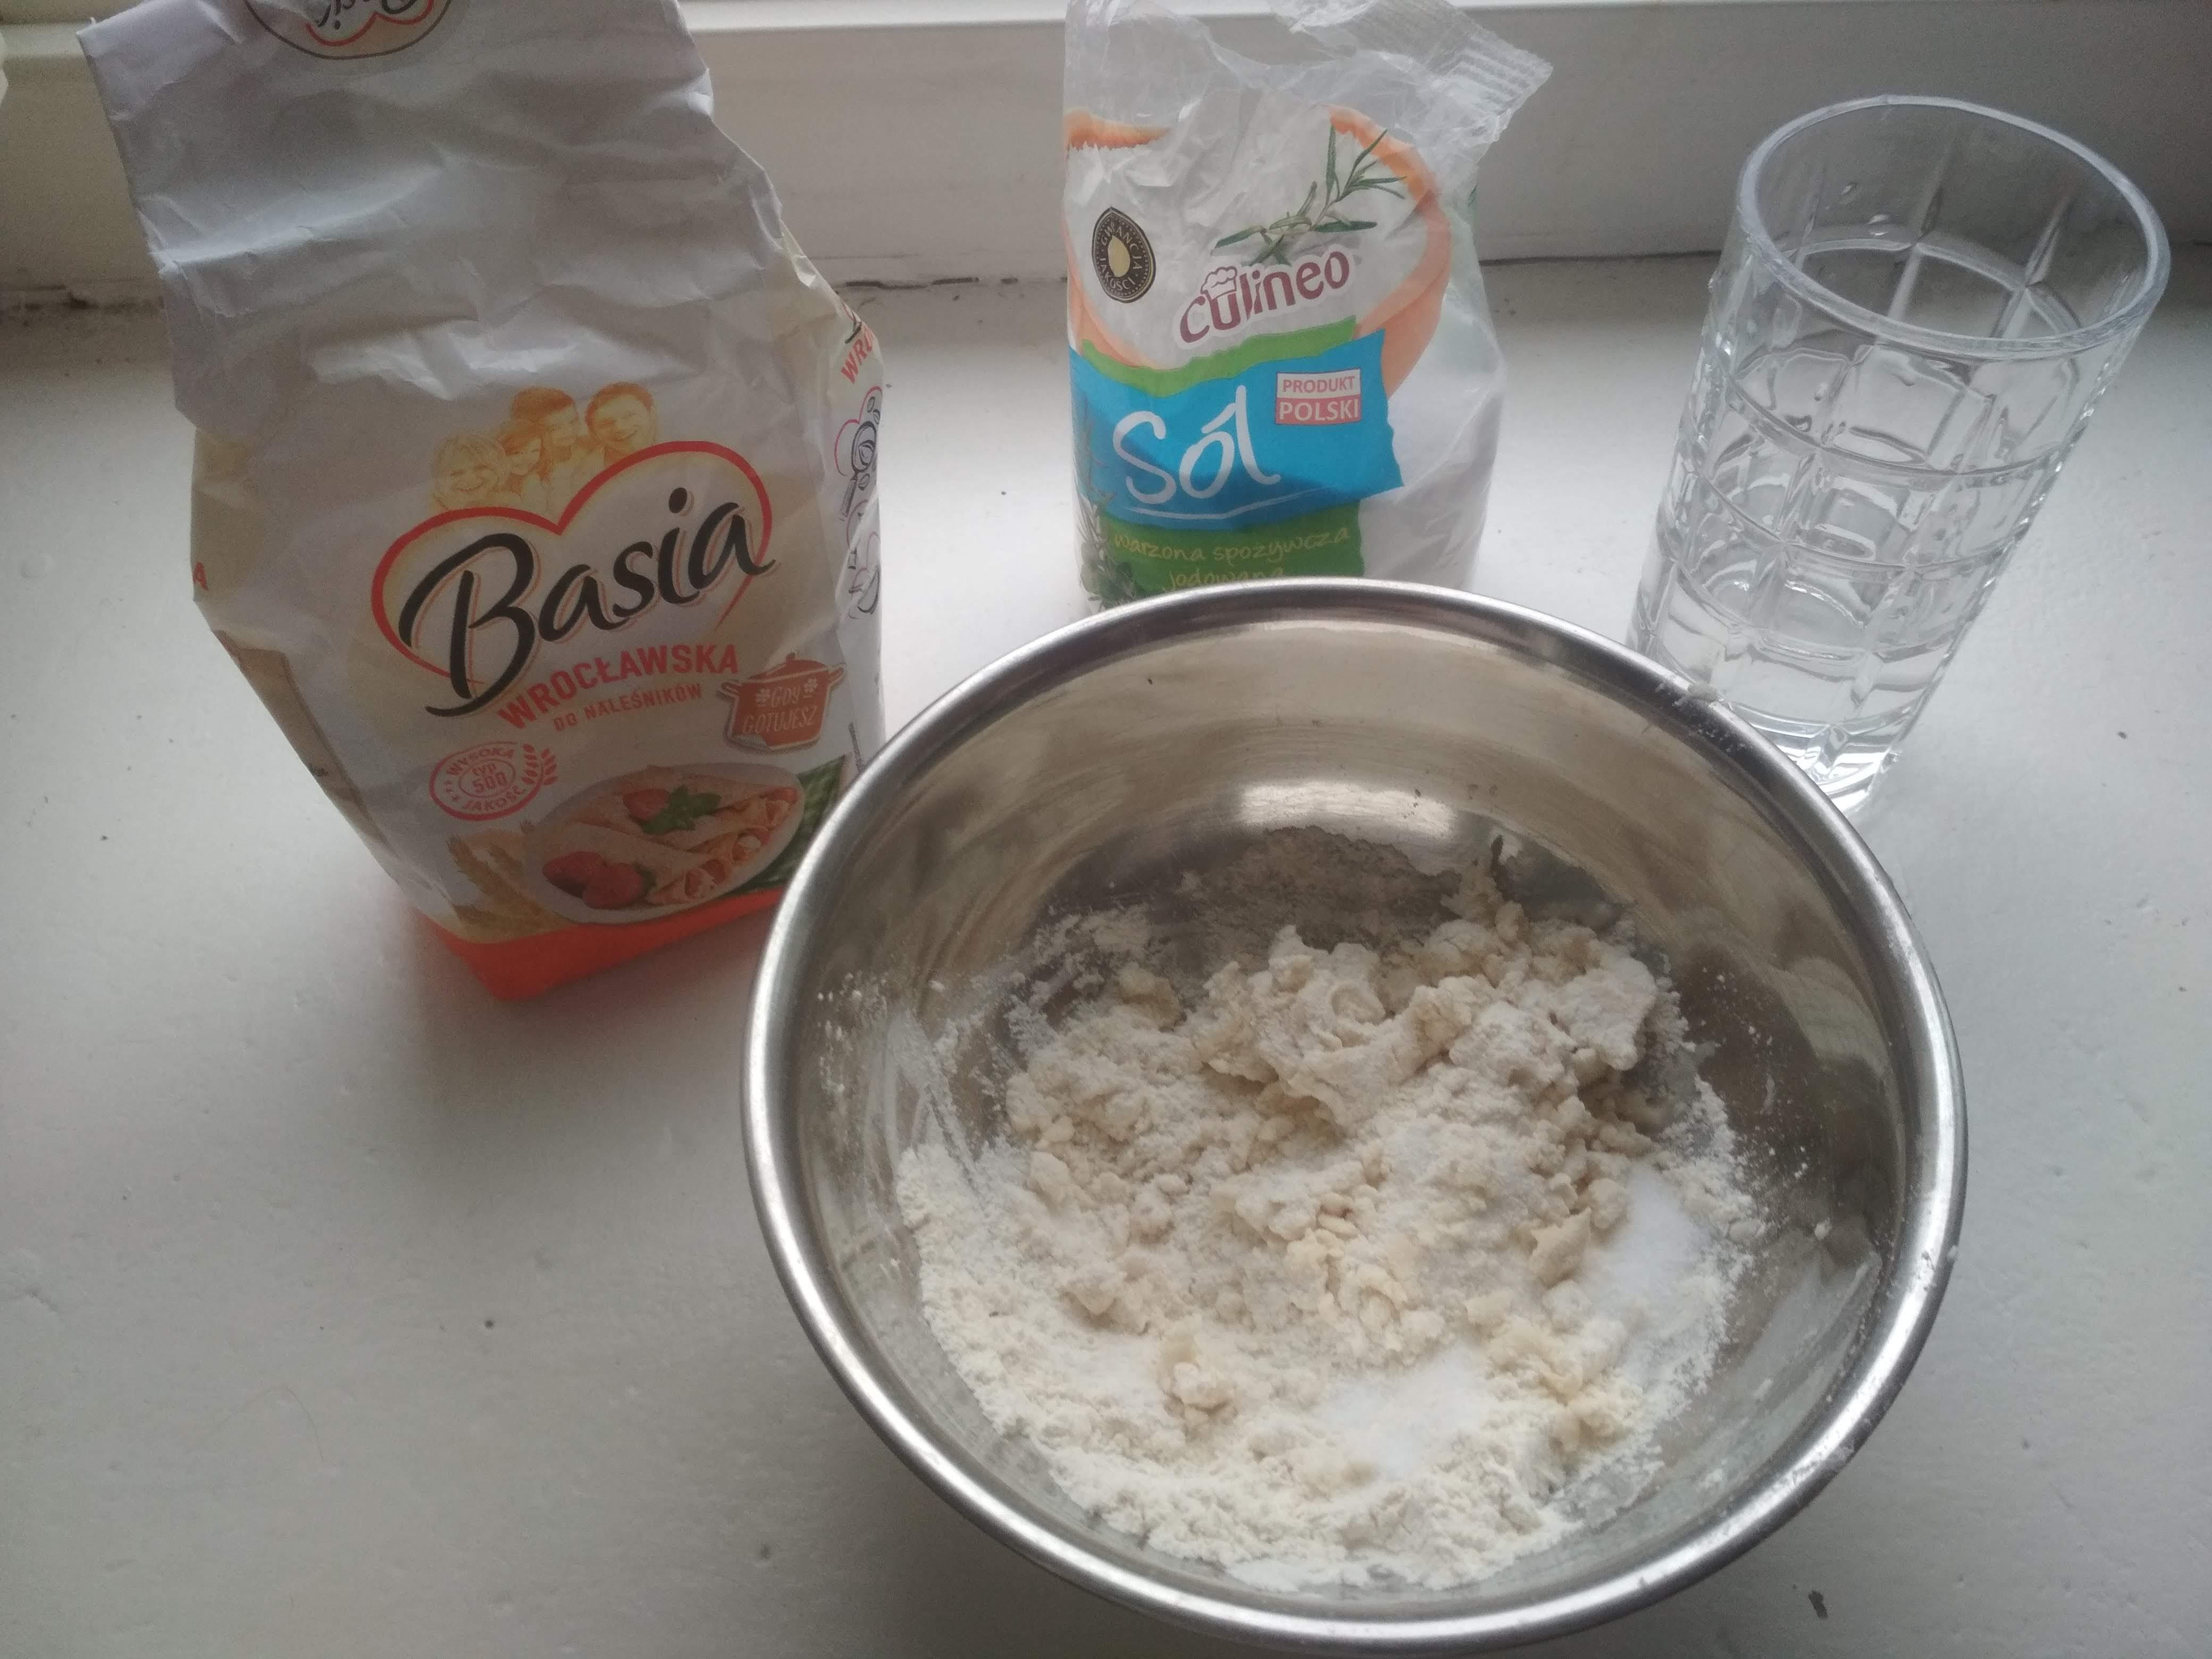 Produkty na masę solną